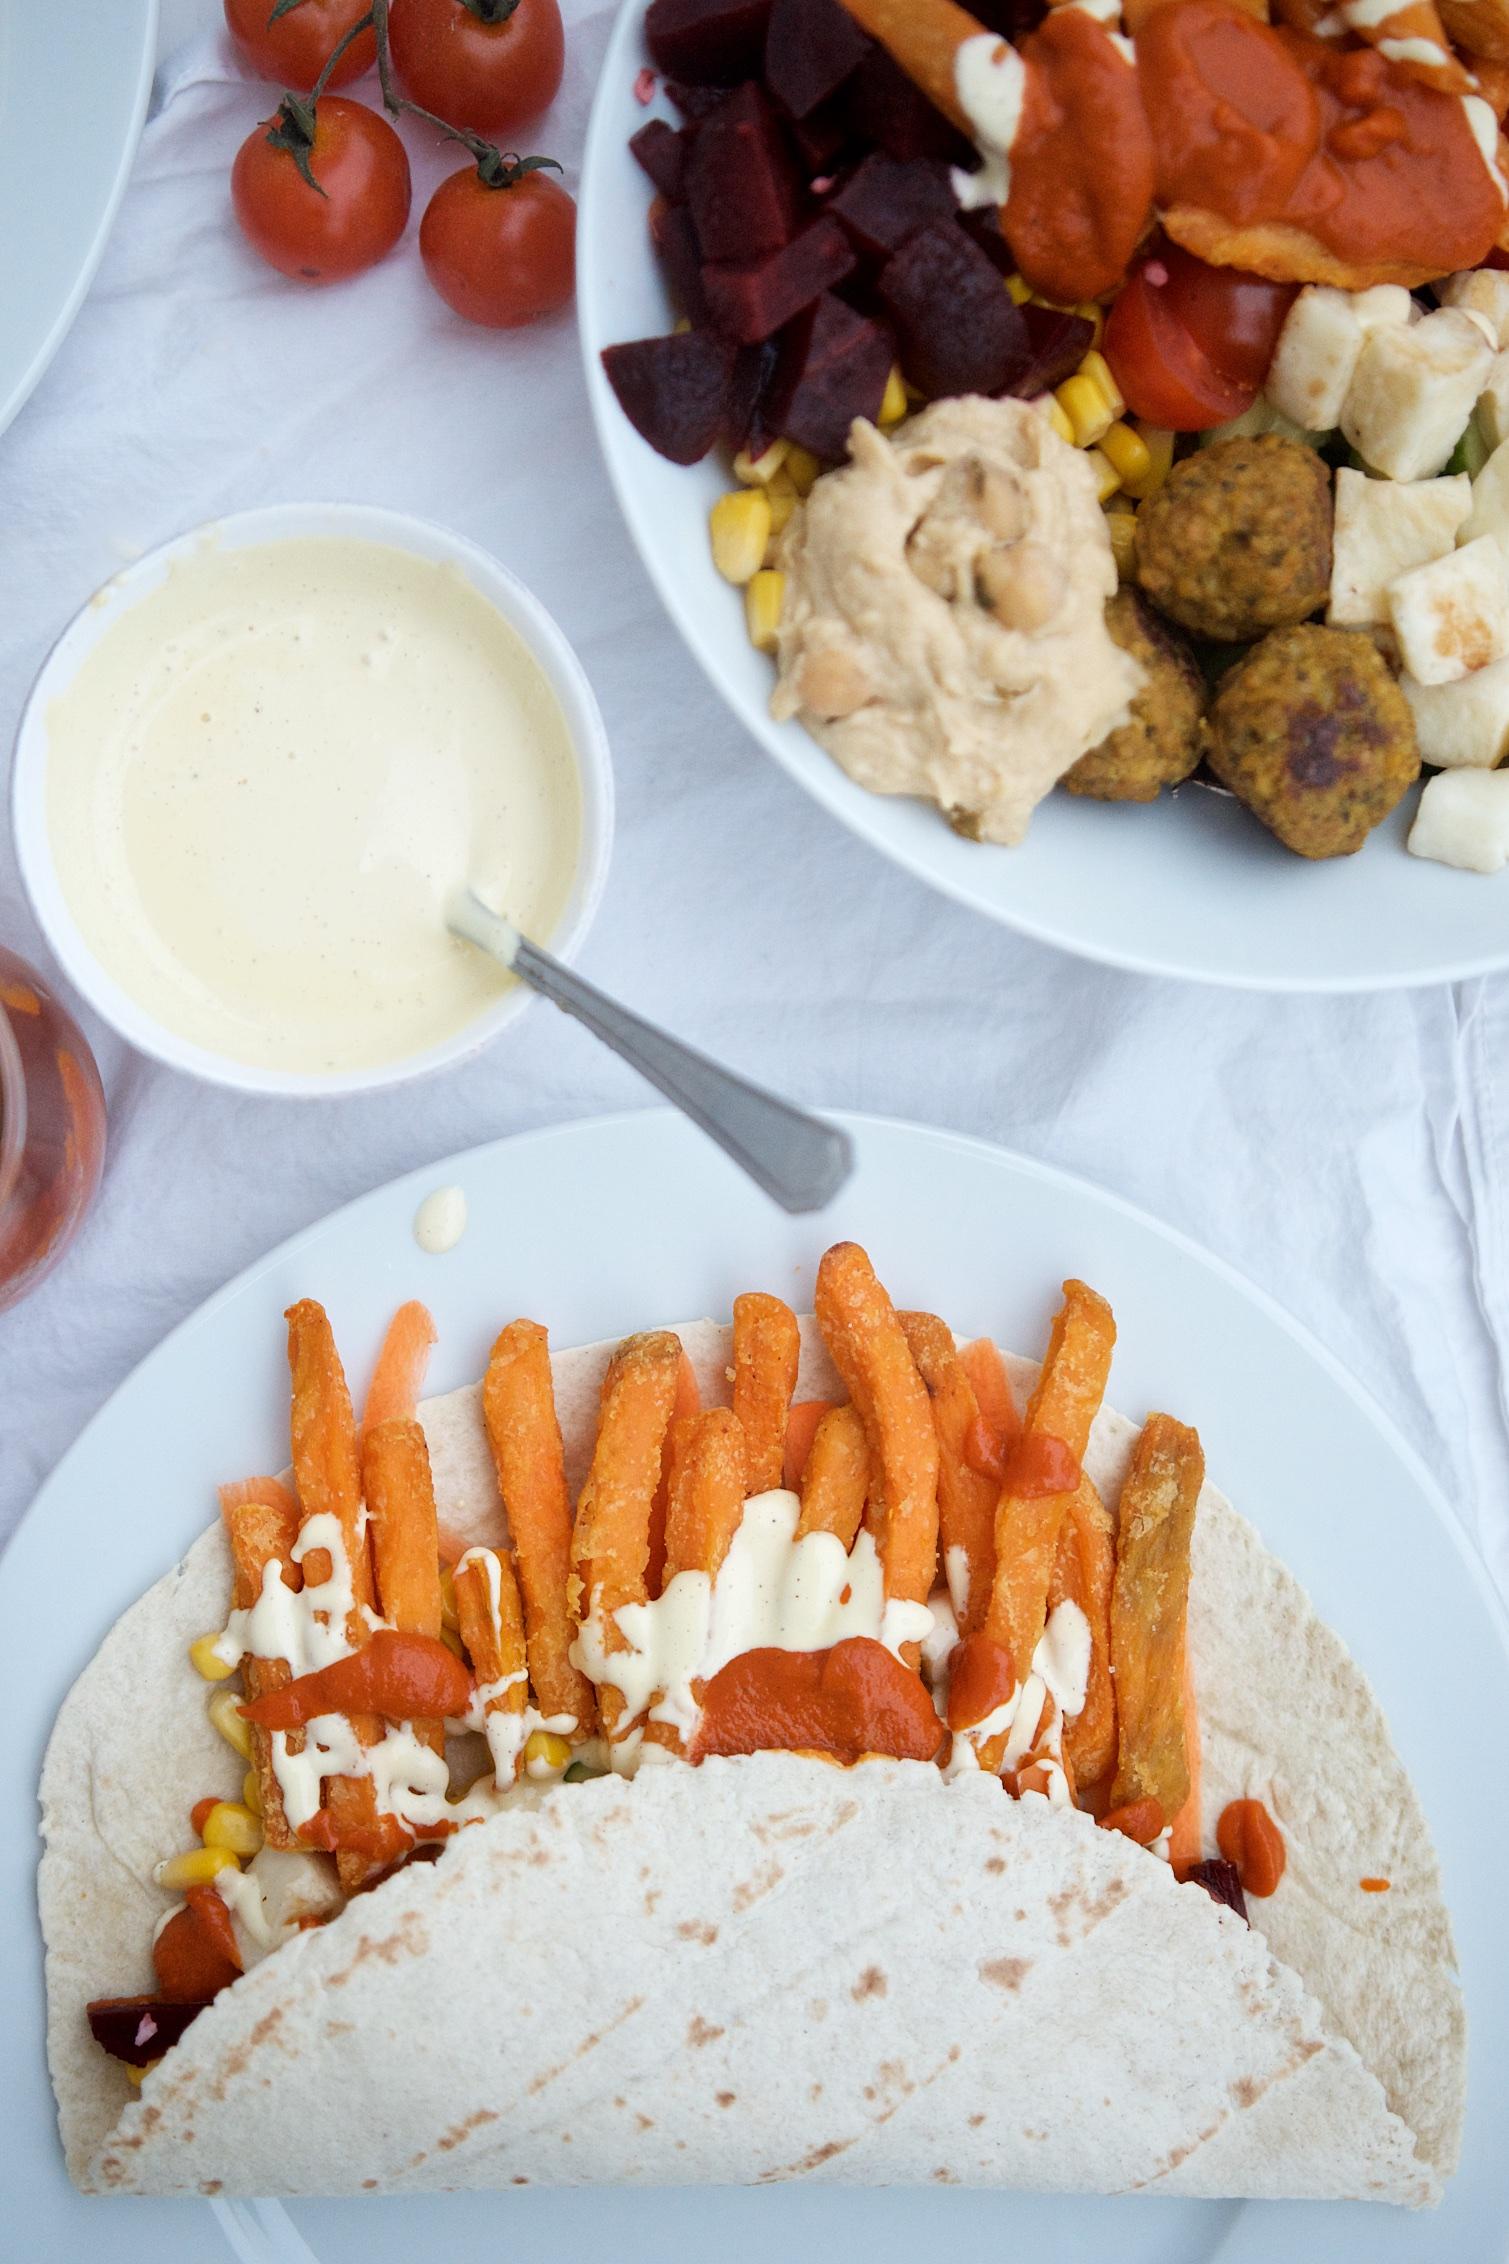 Süßkartoffelpommes-Wrap mit Gemüse und selbstgemachter Mayonnaise | Pinkepank (1)